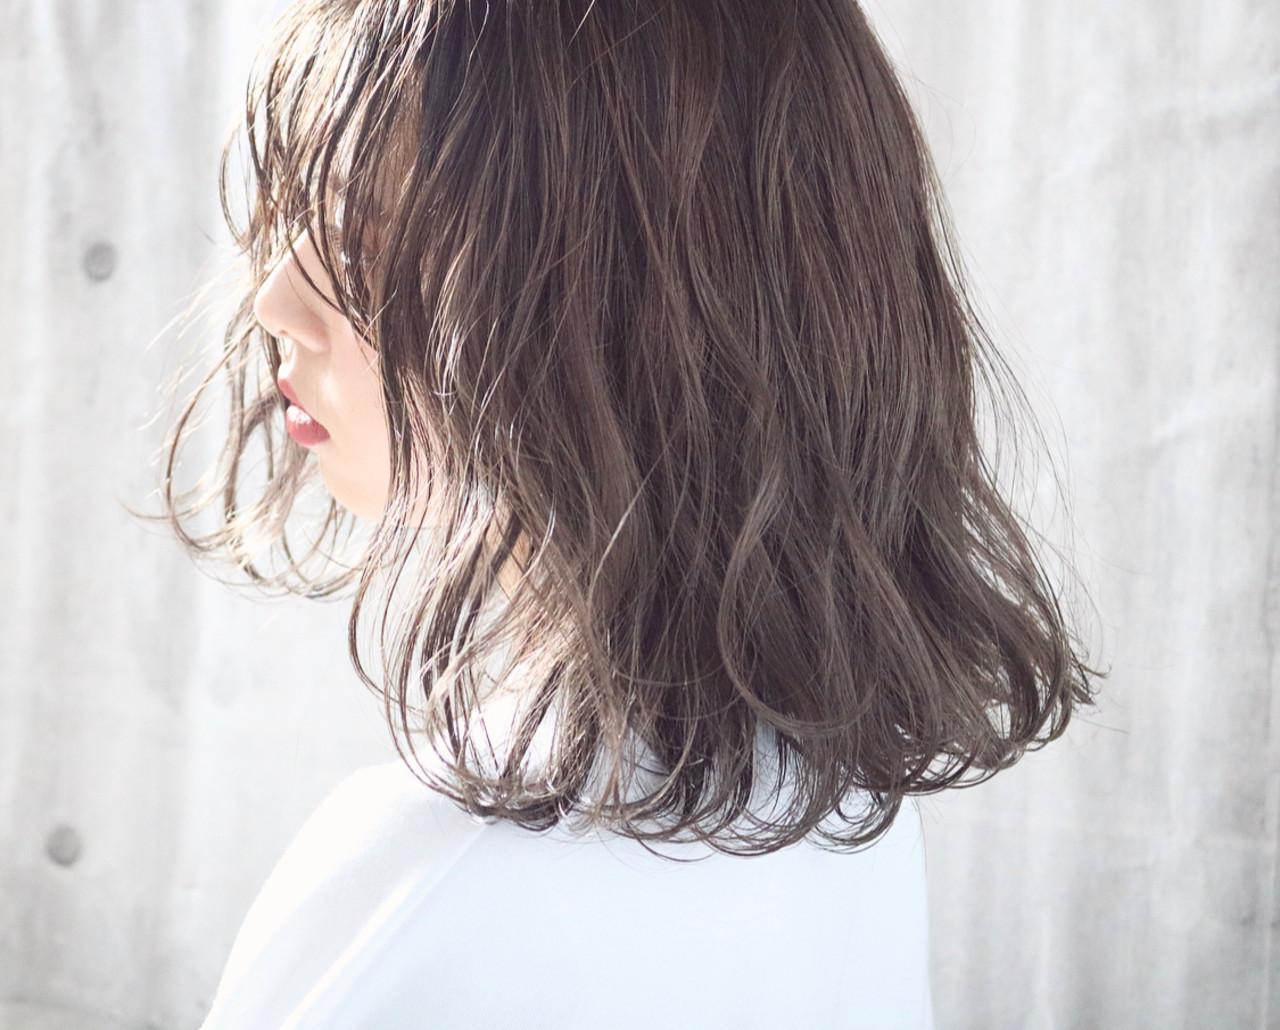 アンニュイほつれヘア 外国人風カラー ミルクティーベージュ 透明感カラー ヘアスタイルや髪型の写真・画像 | 中村明俊 / AUBE hair